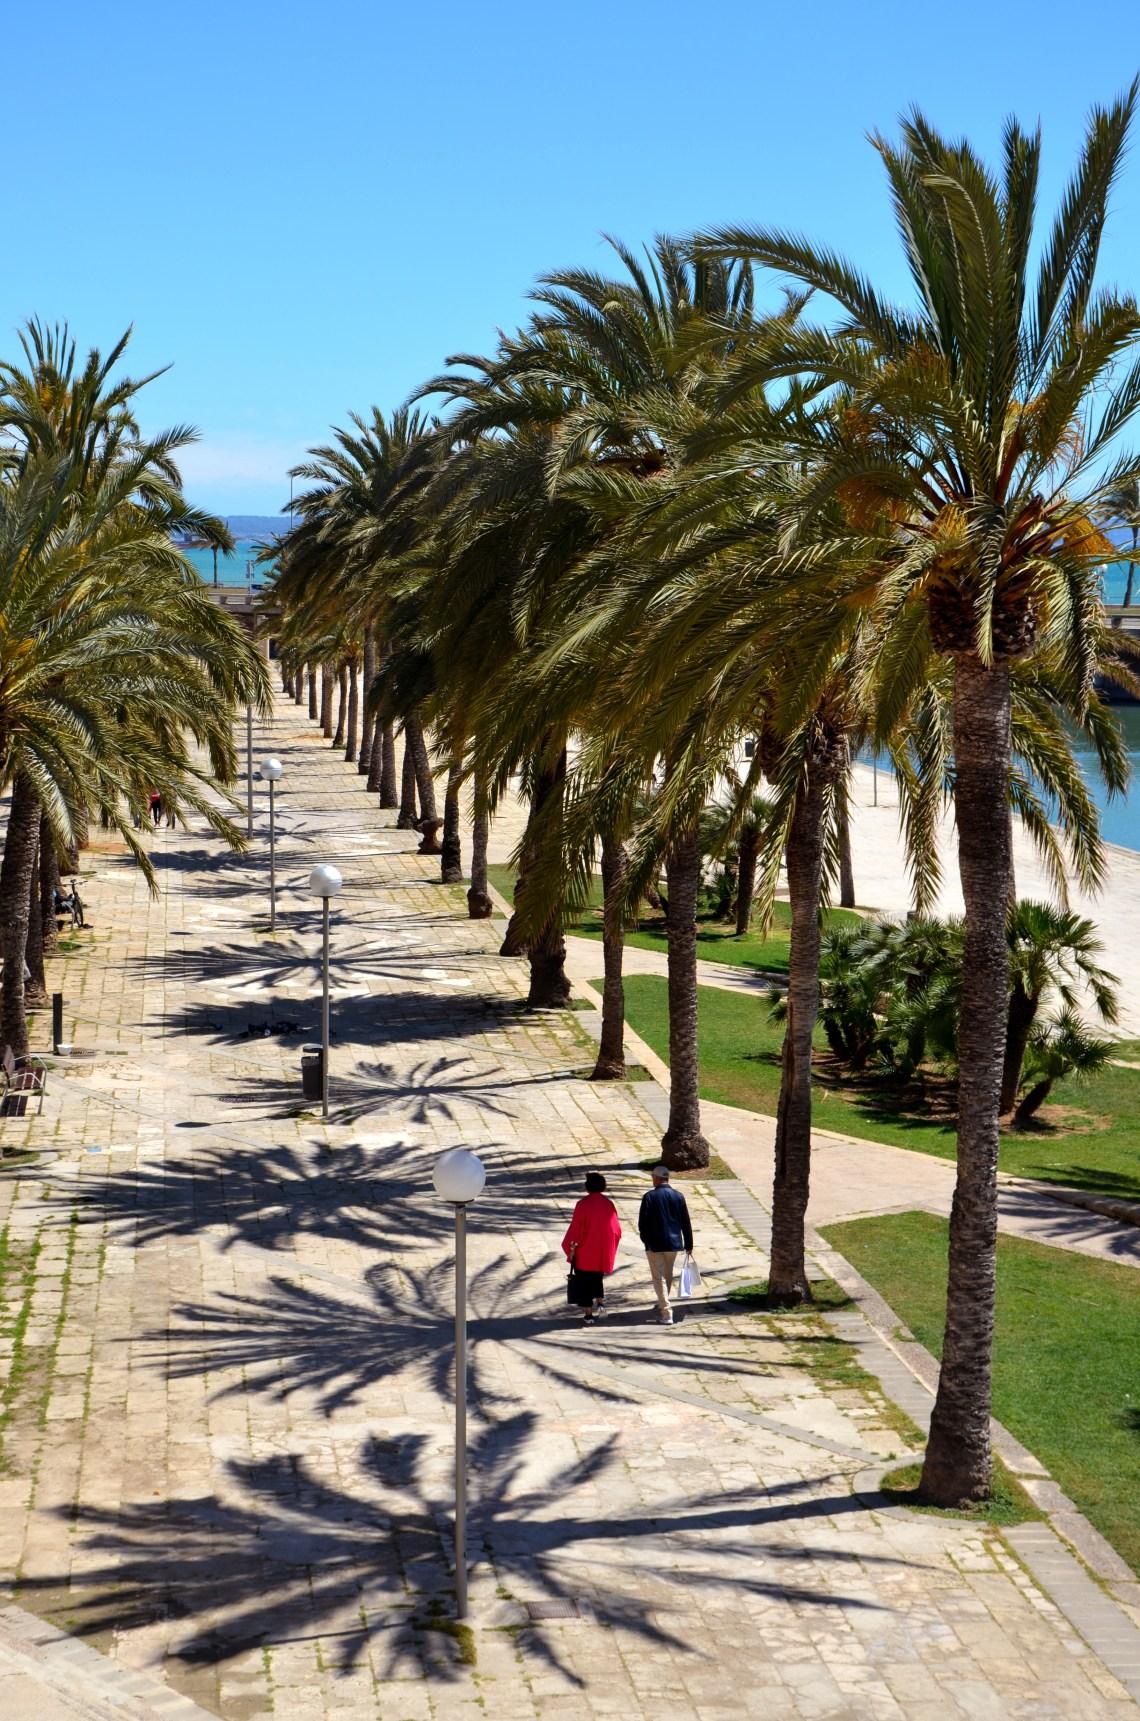 palmeiras - parque del mar - palma de maiorca - turismo